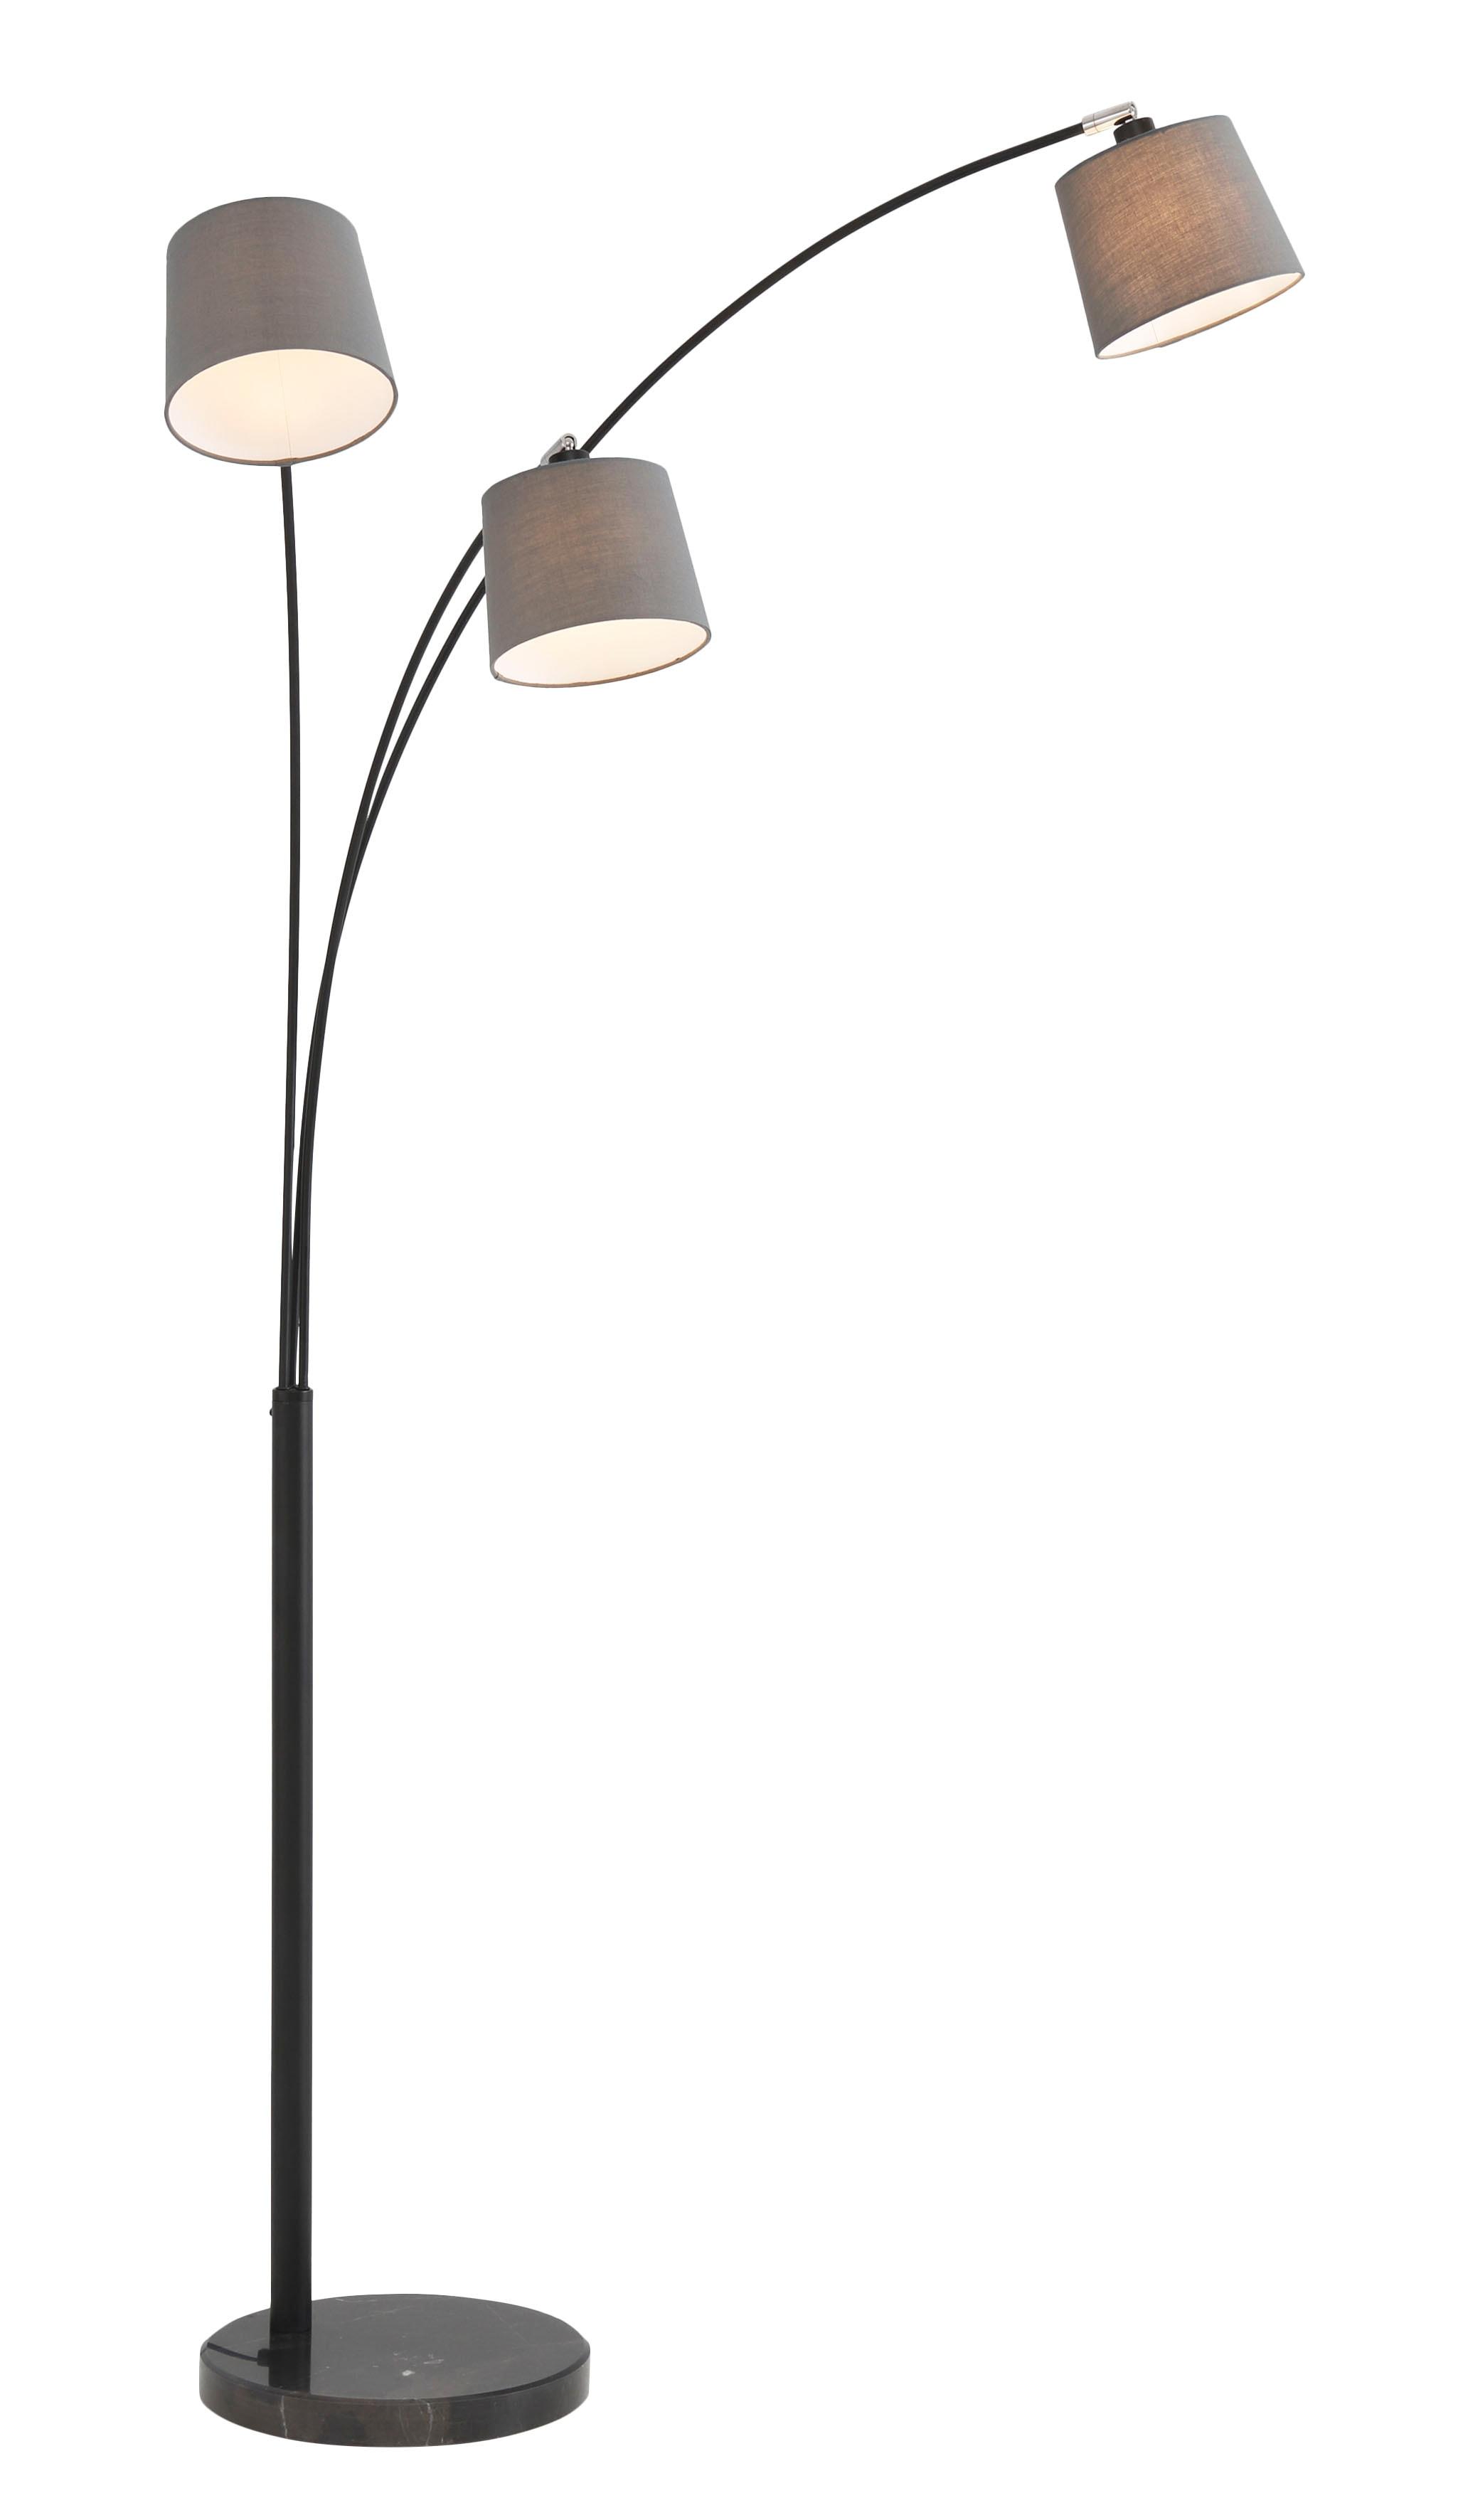 Home affaire Stehlampe Tannegg, E14, Stehleuchte / Bogenlampe mit Marmor - Fuß, graue Stoffschirme Ø 14,5-18 cm